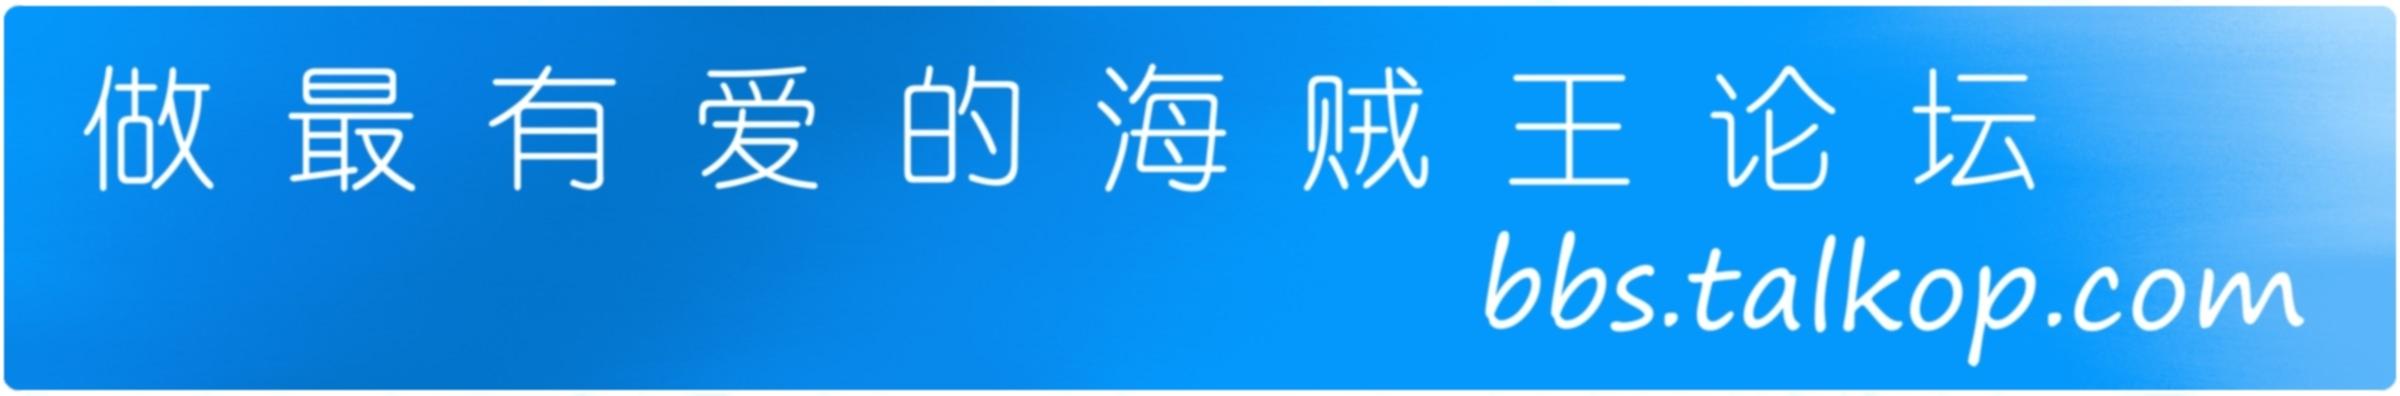 2 BBS banner.JPG